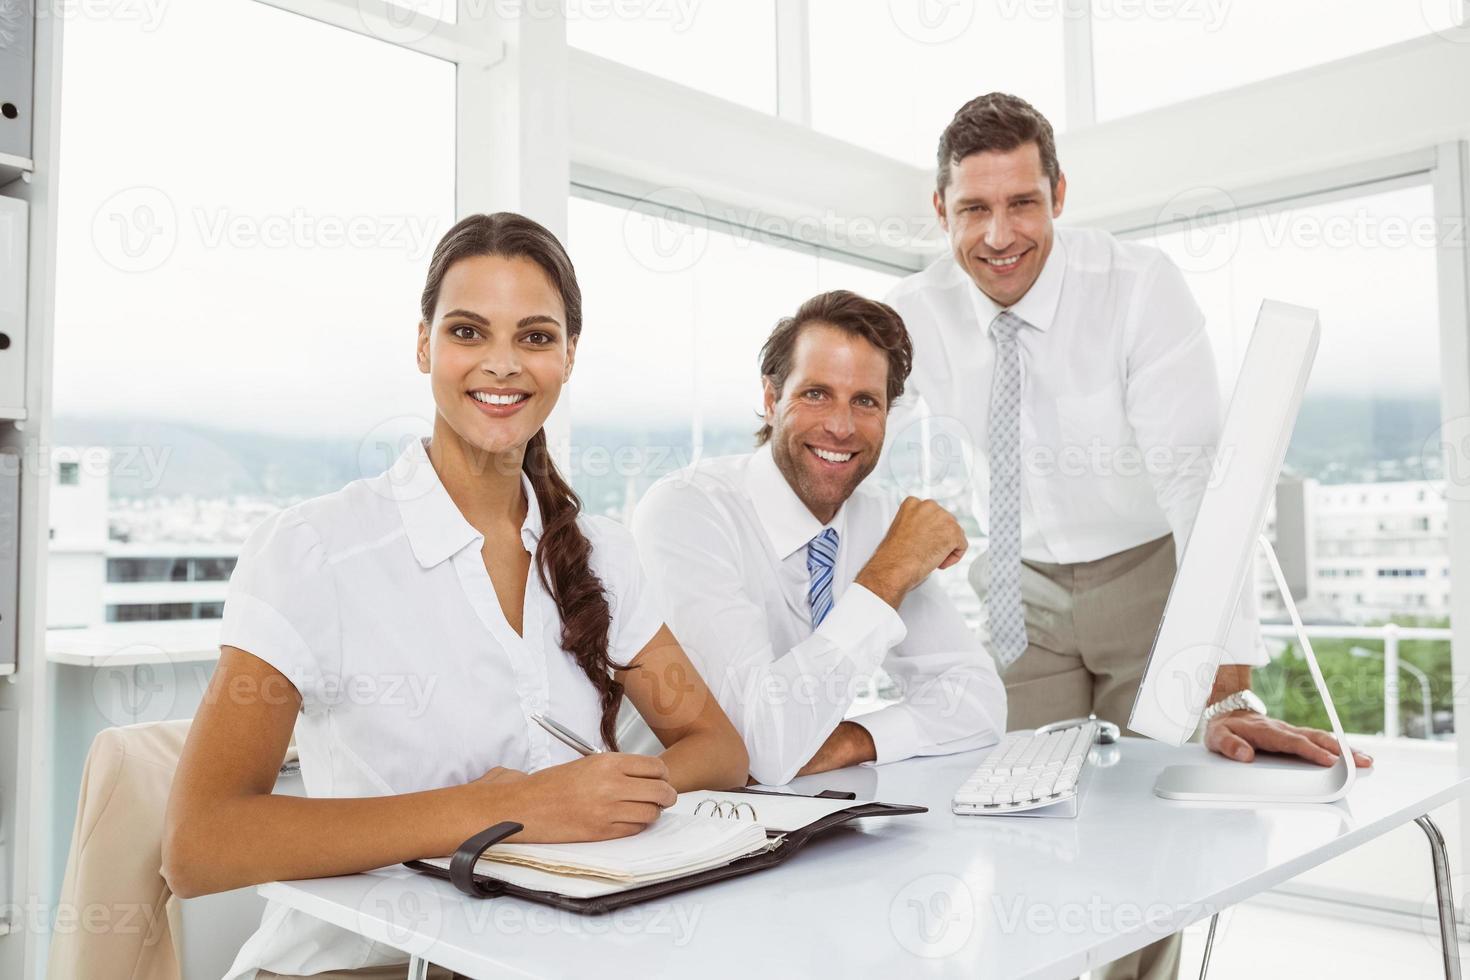 drie lachende mensen uit het bedrijfsleven op kantoor foto